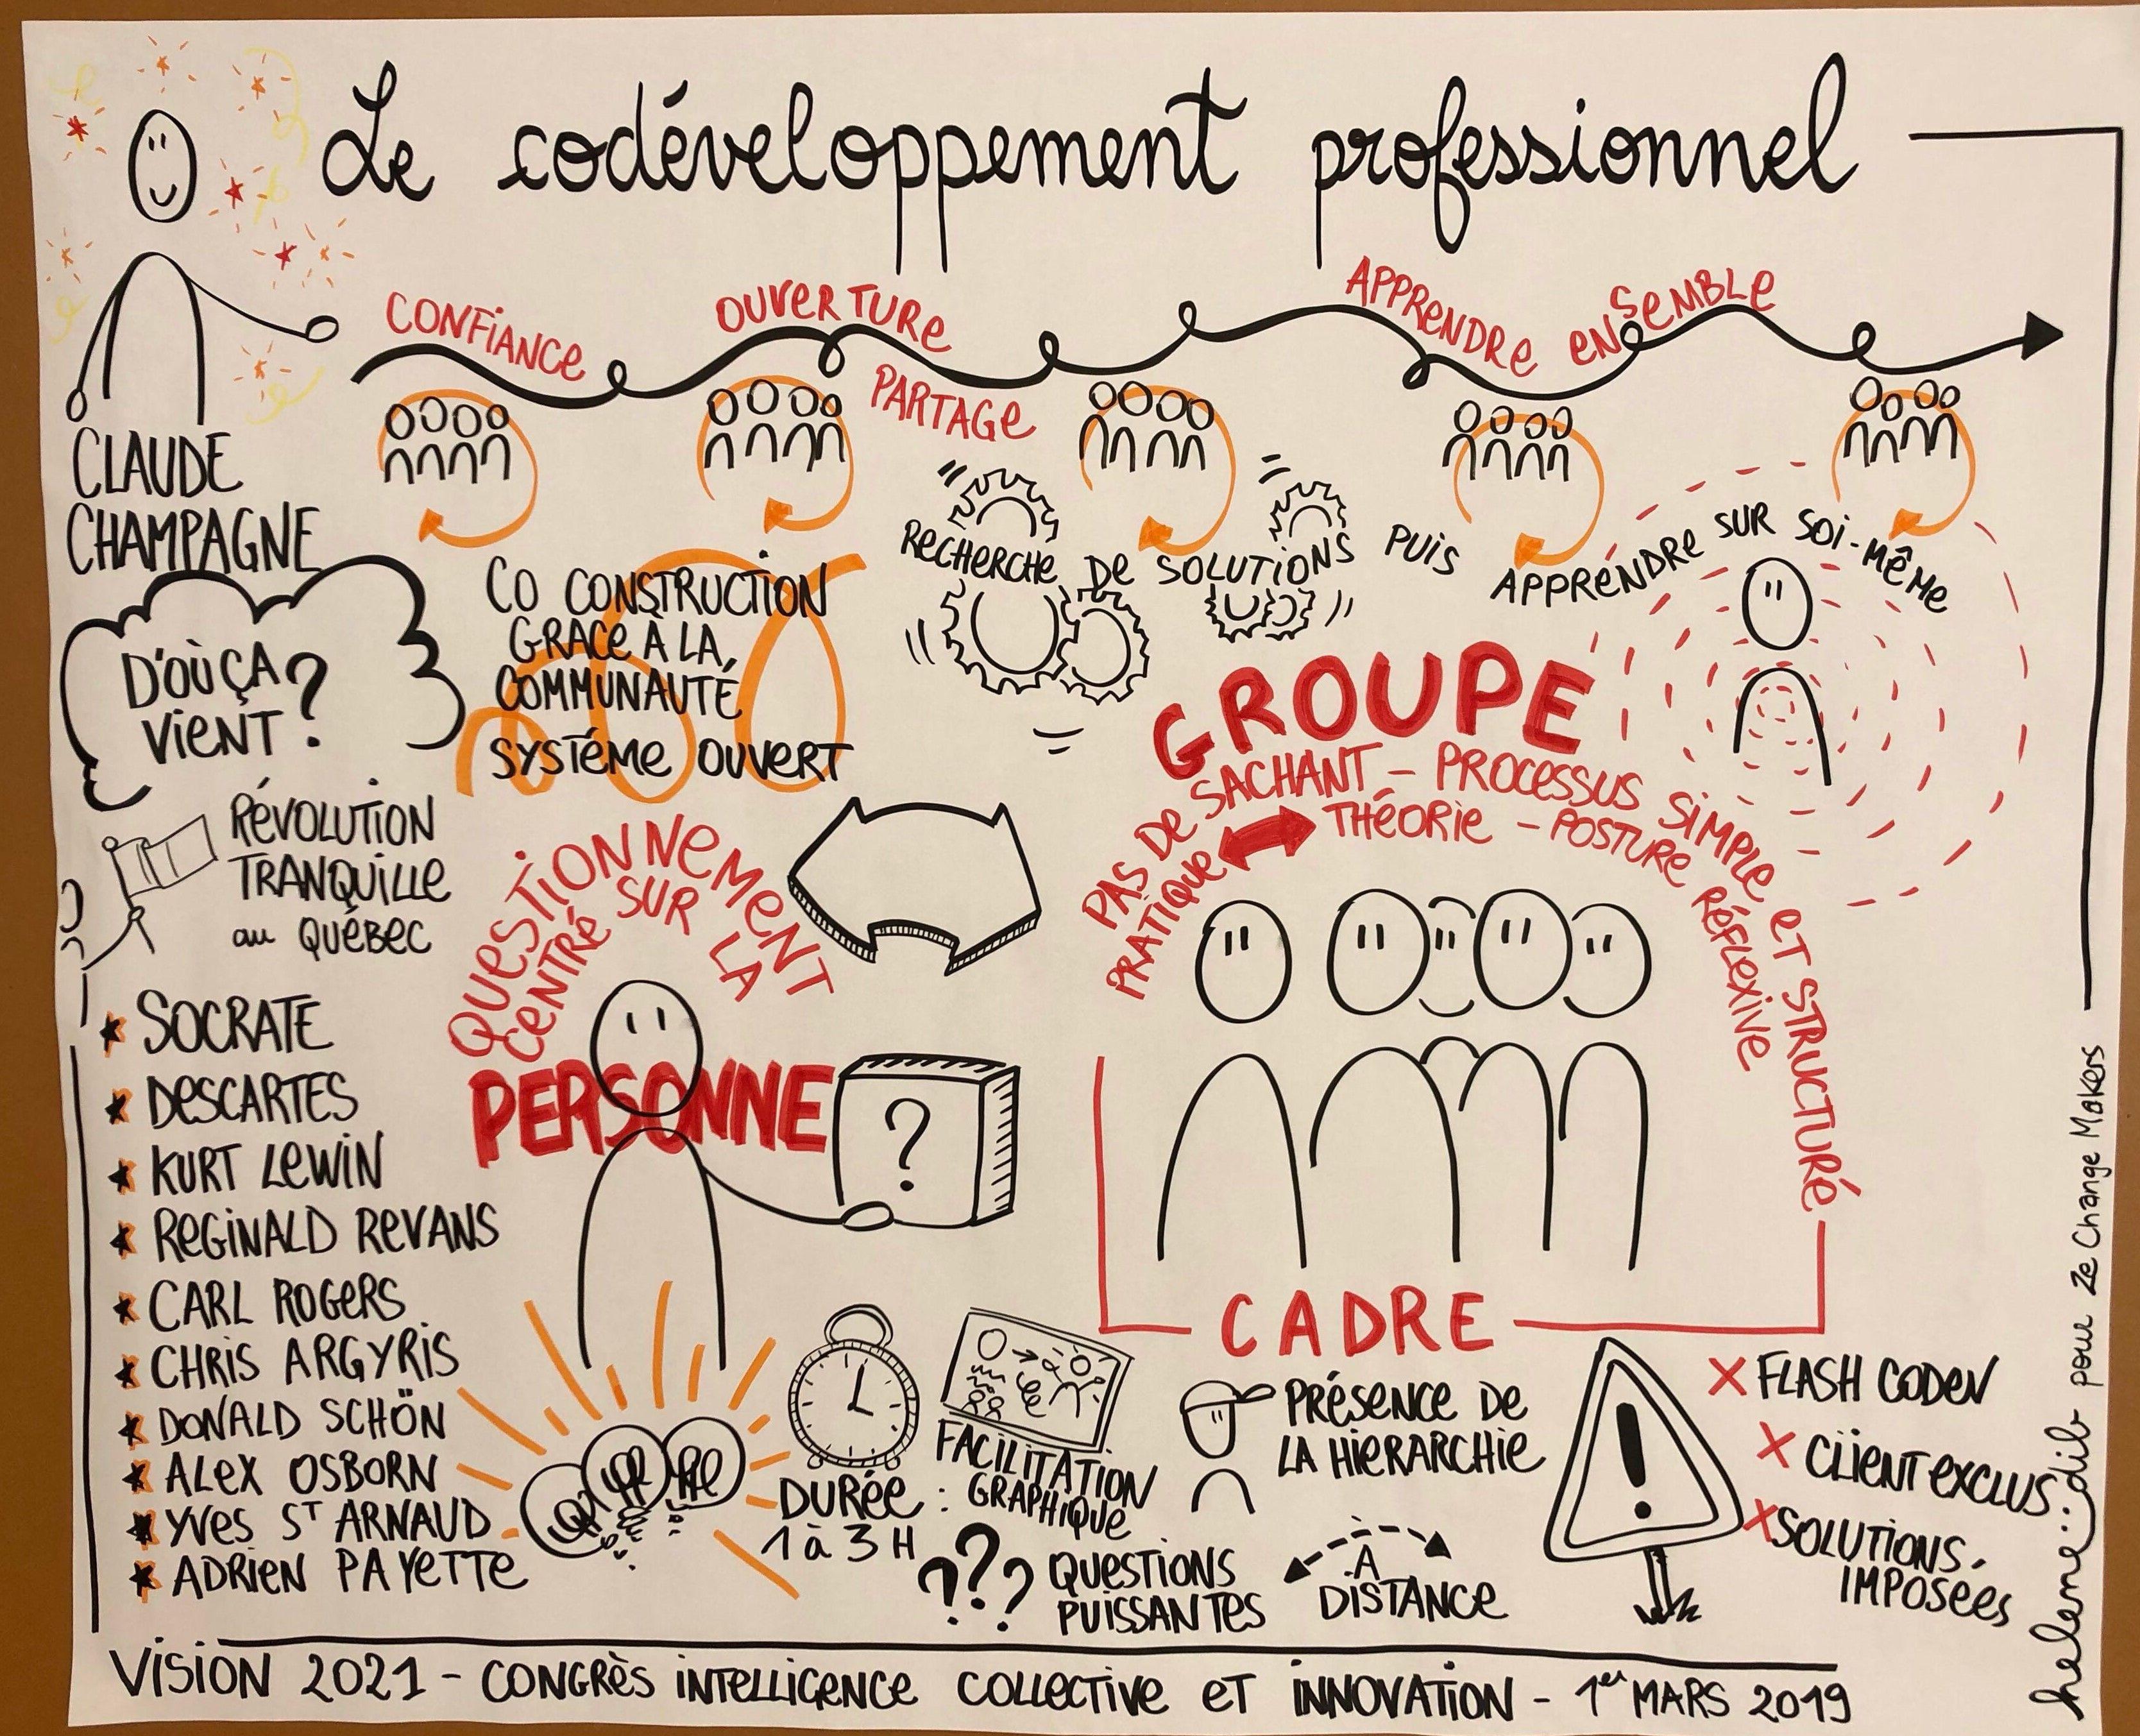 Le Co Developpement Professionnel Facilitation Graphique Developpement Professionnel Communication Professionnelle